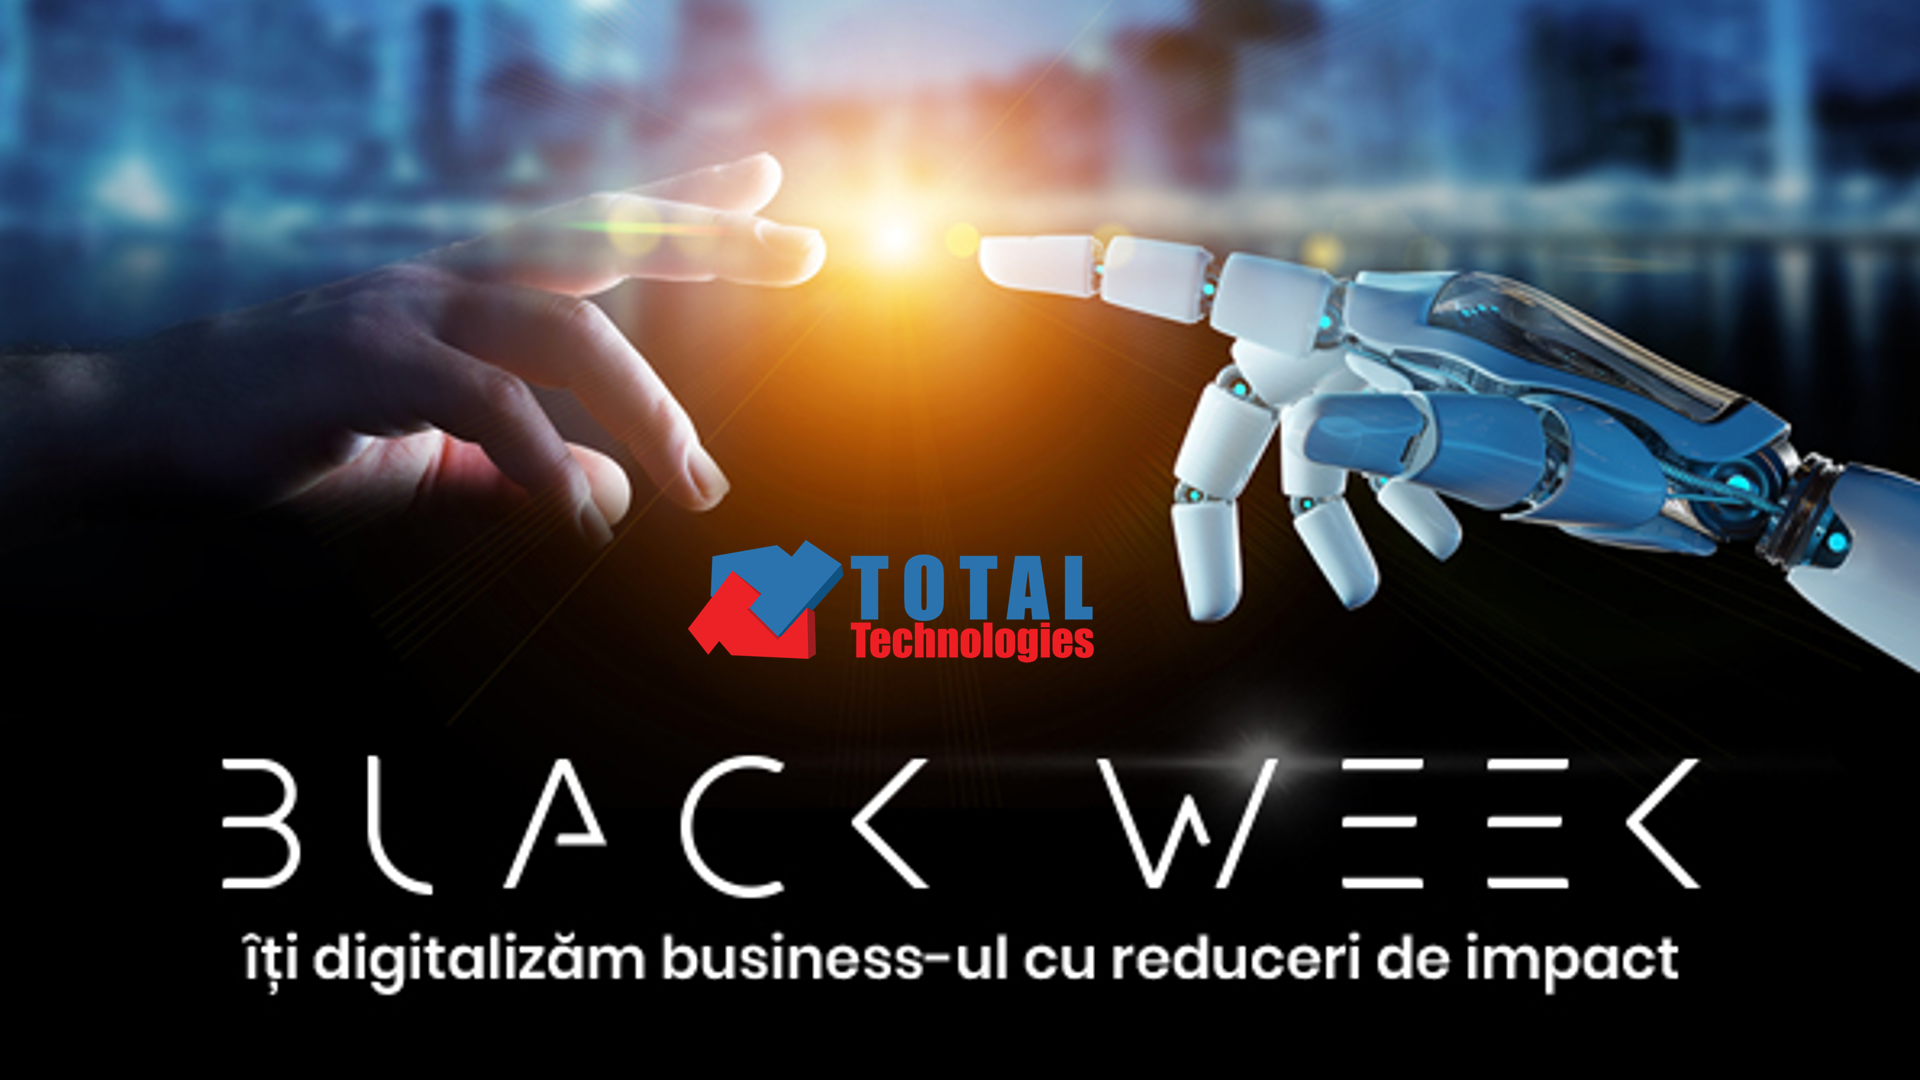 Total Technologies<sup>®</sup> continuă cu reducerile!